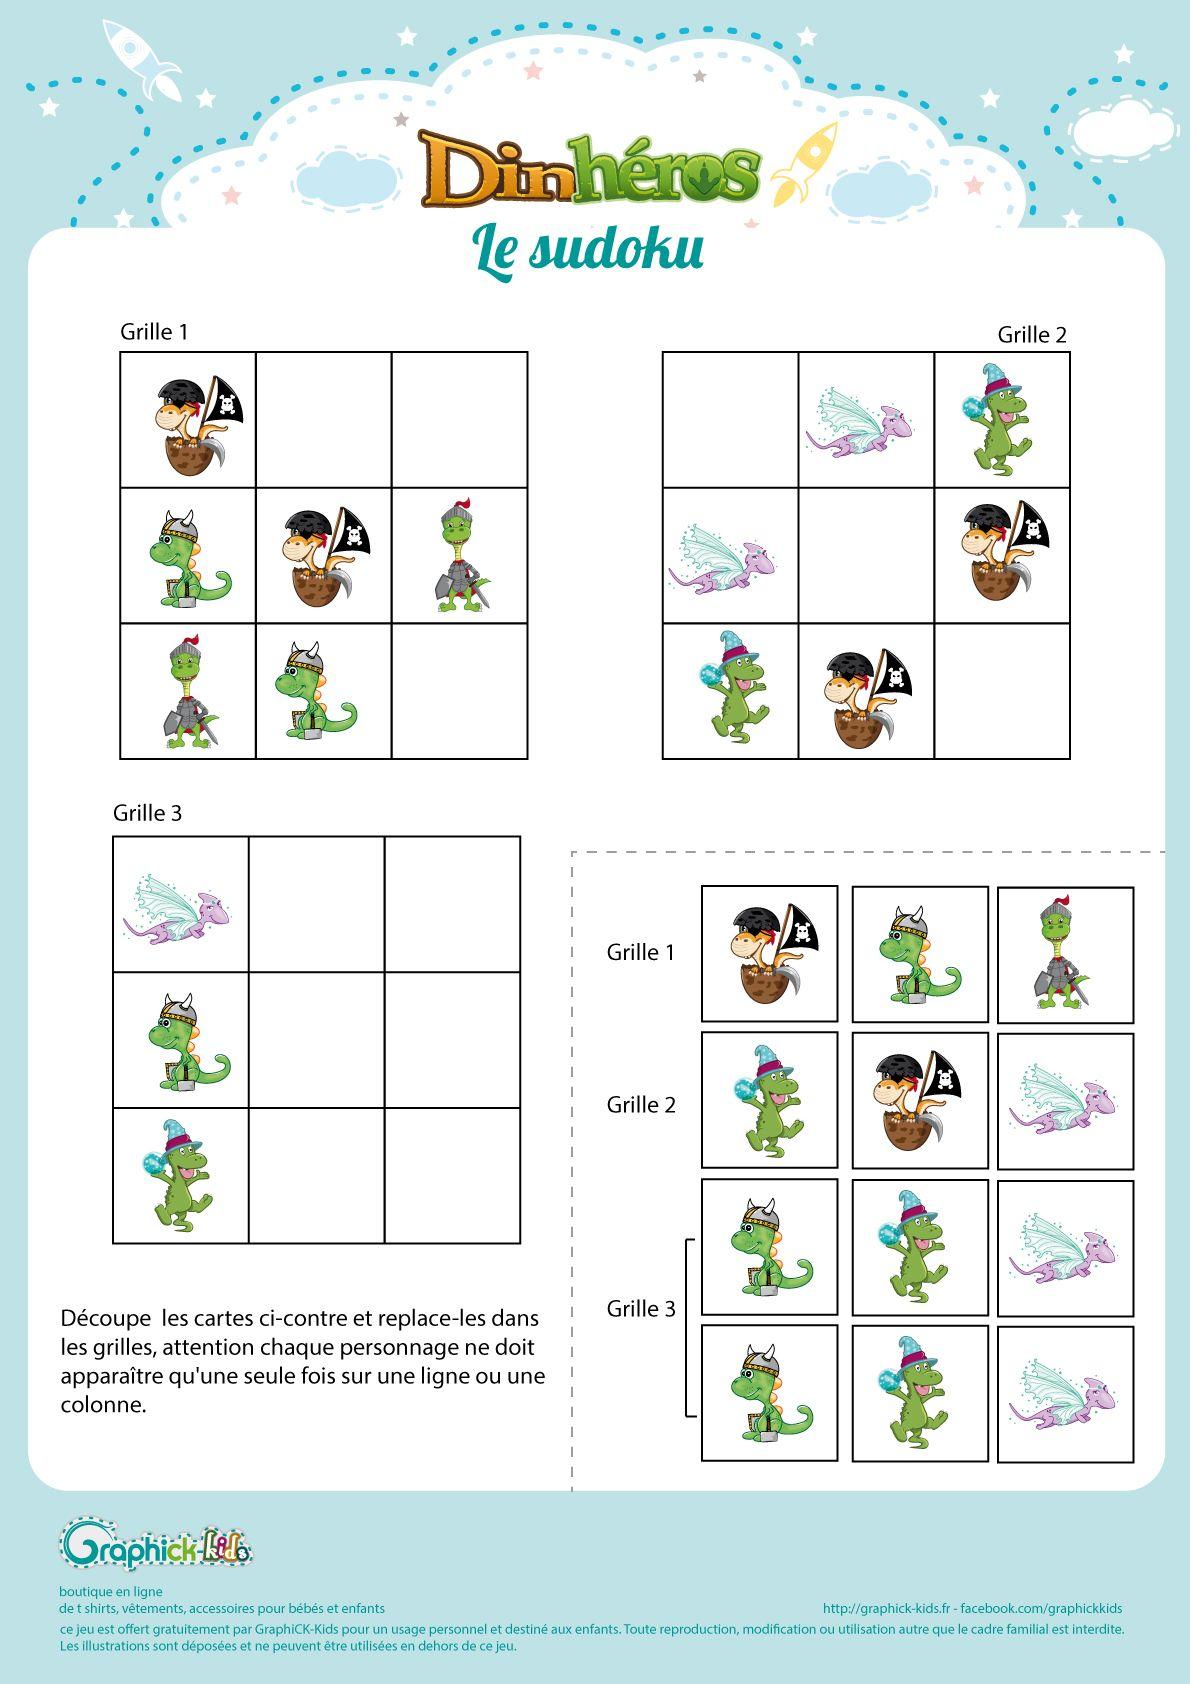 L'activité Du Mercredi : Le Sudoku Des Dinhéros à Sudoku Gratuit Enfant